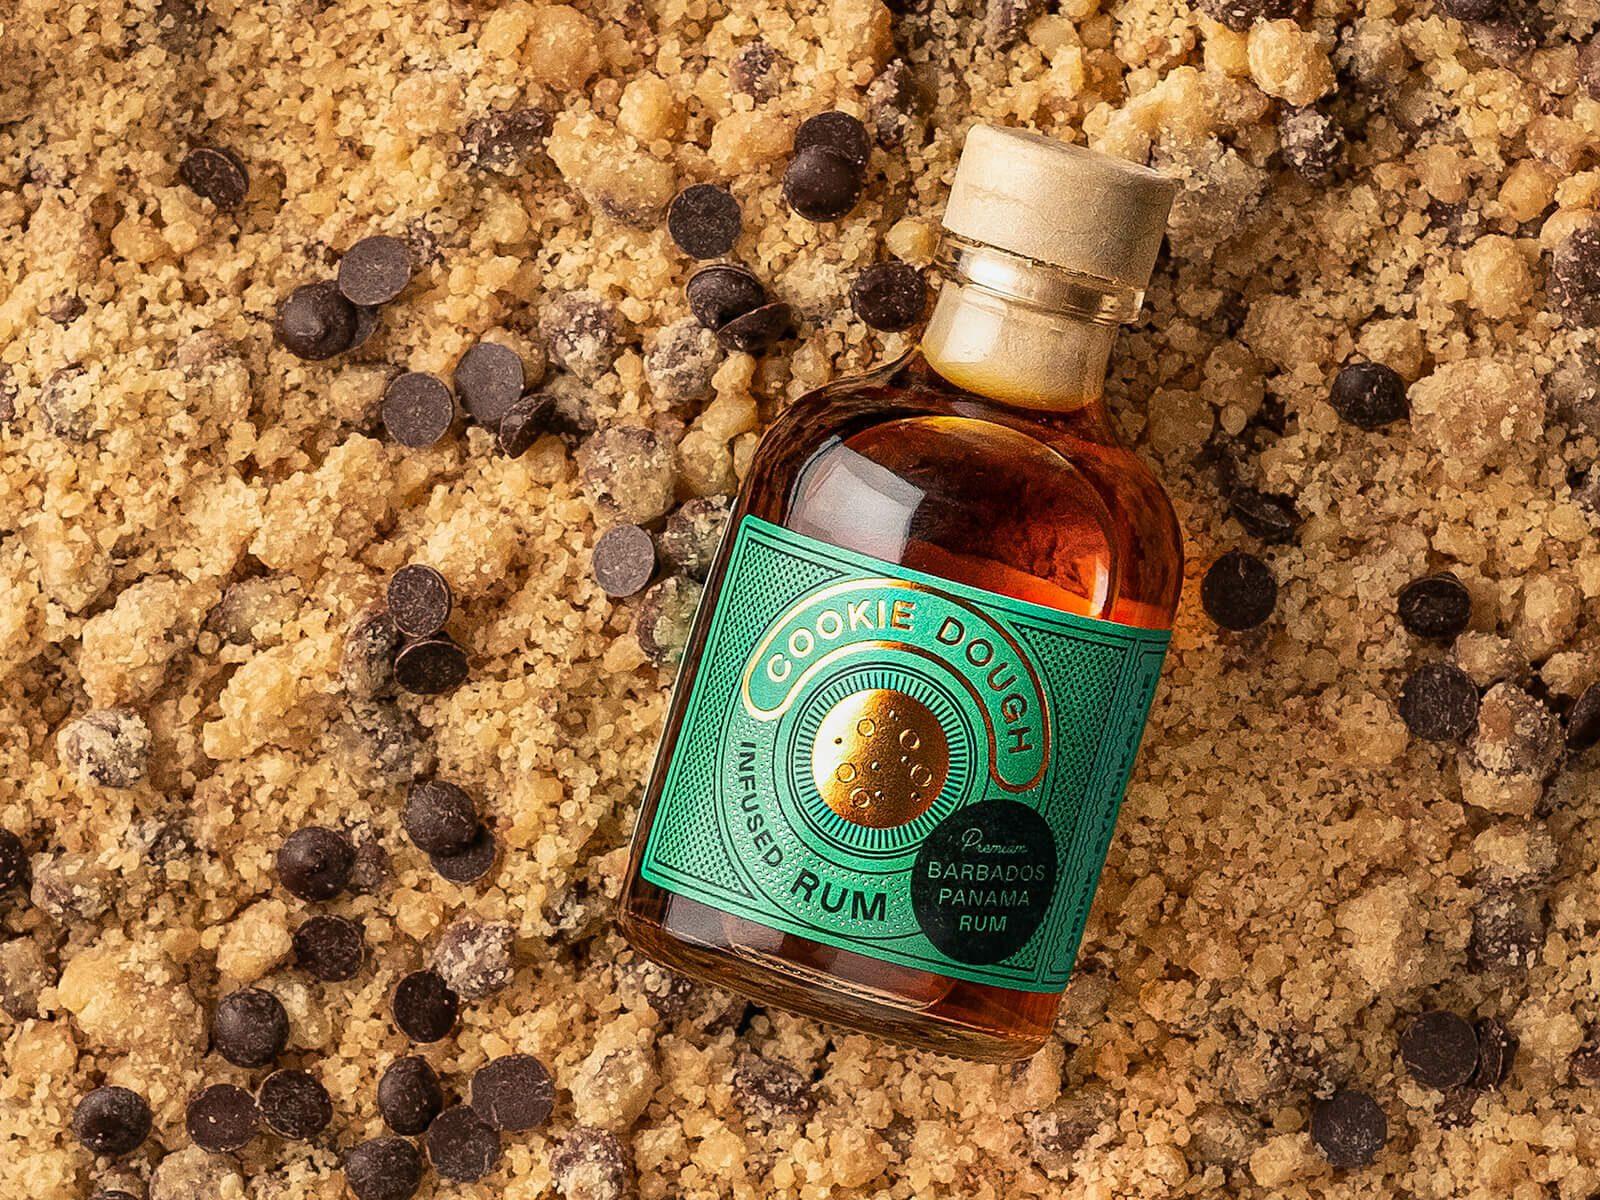 Cookie Rum von Drink Syndikat